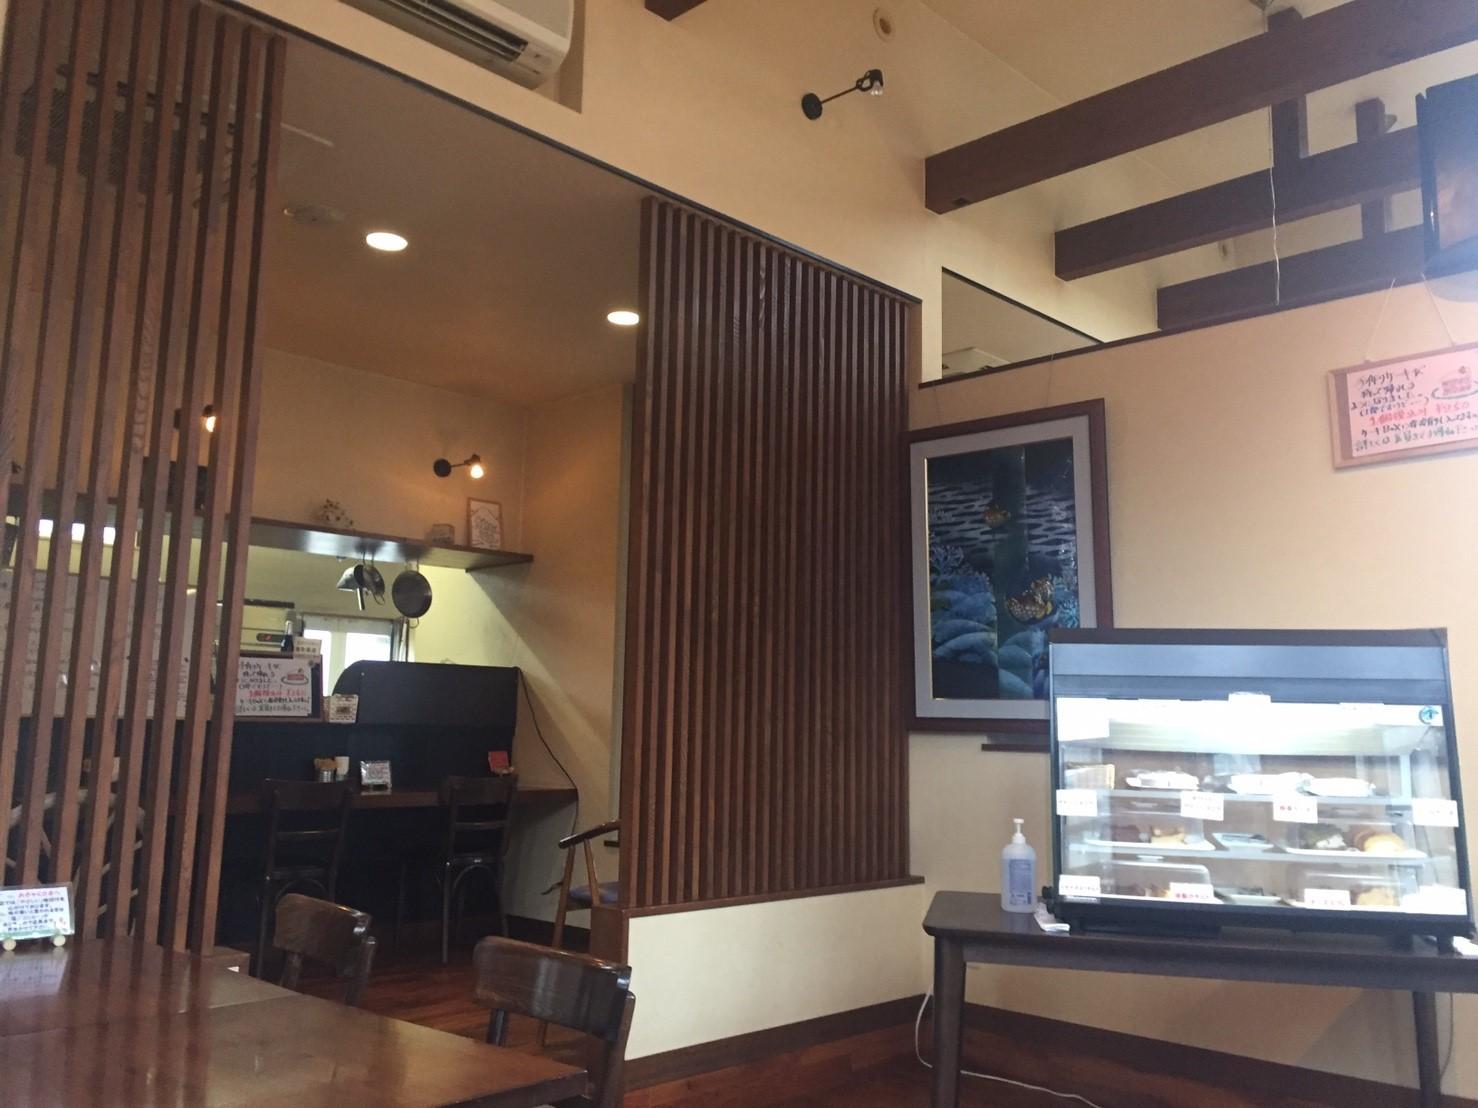 洋風食堂 kozy\'s kitchen ランチ_e0115904_21031604.jpg